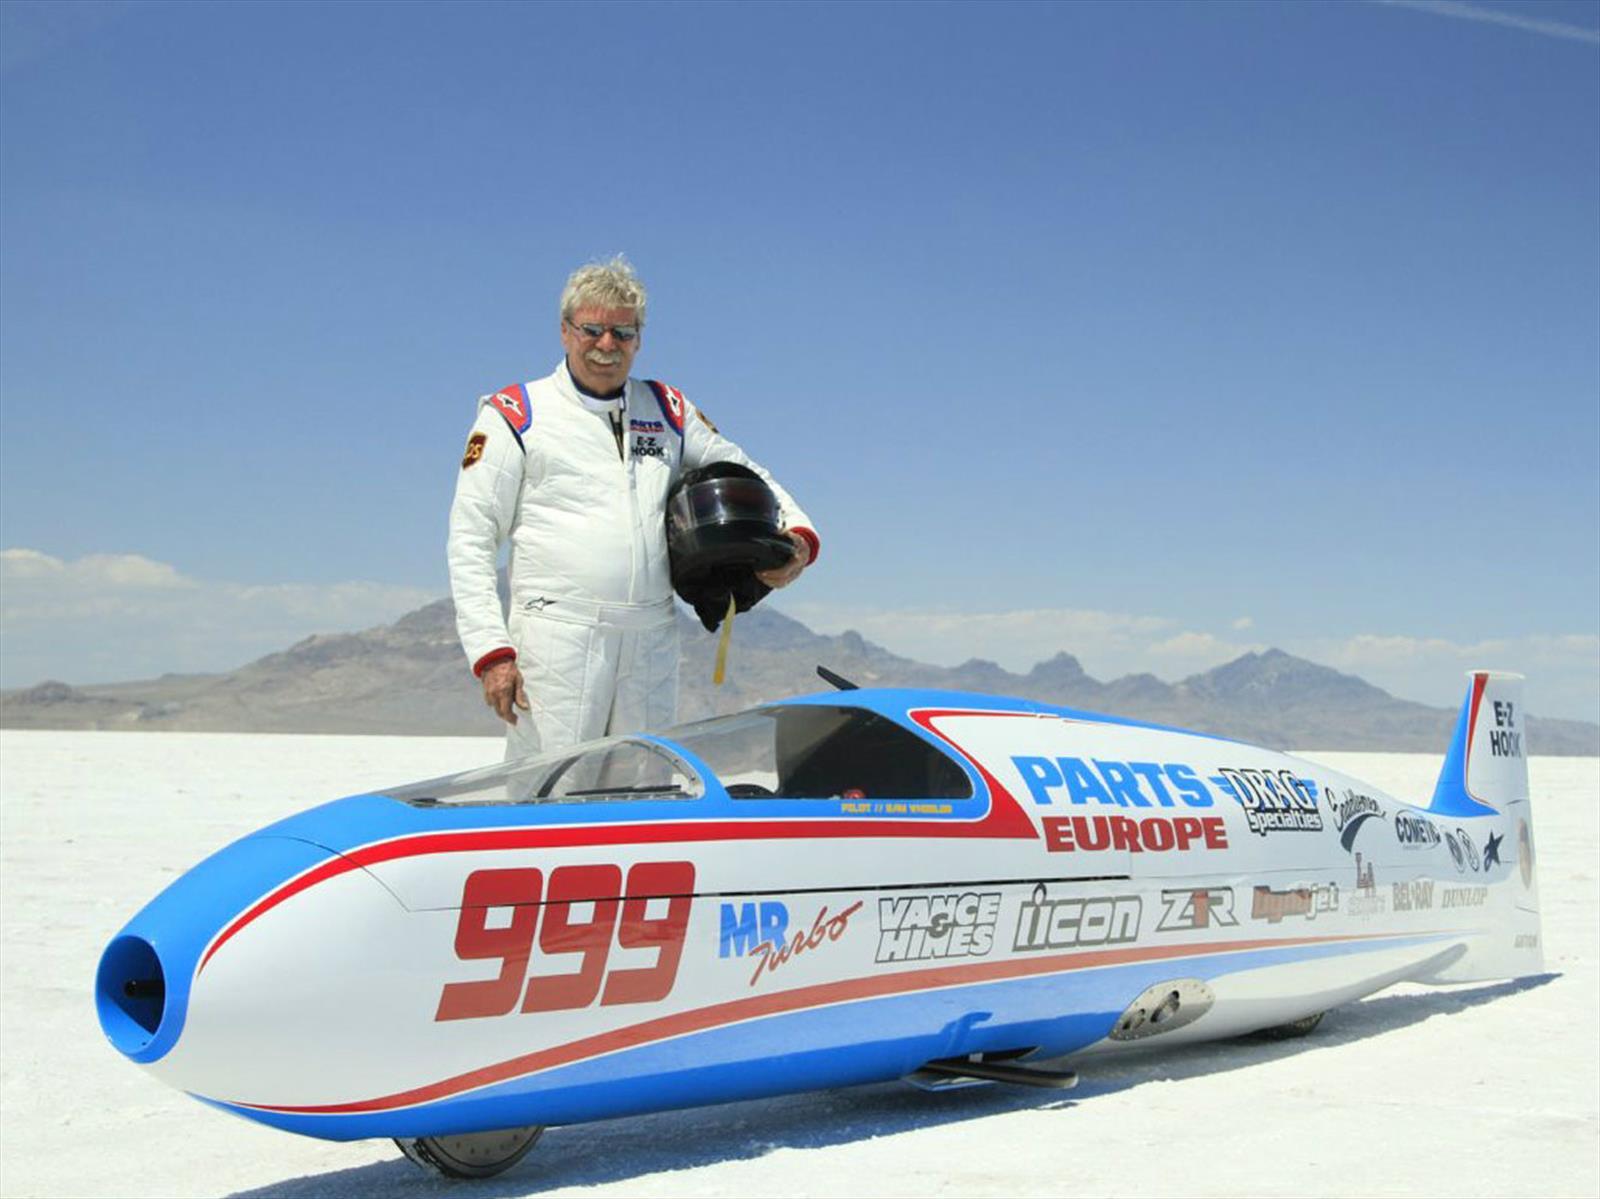 Sam Wheeler, de 72 años, fallece luego de tener un accidente a 320 Km/h